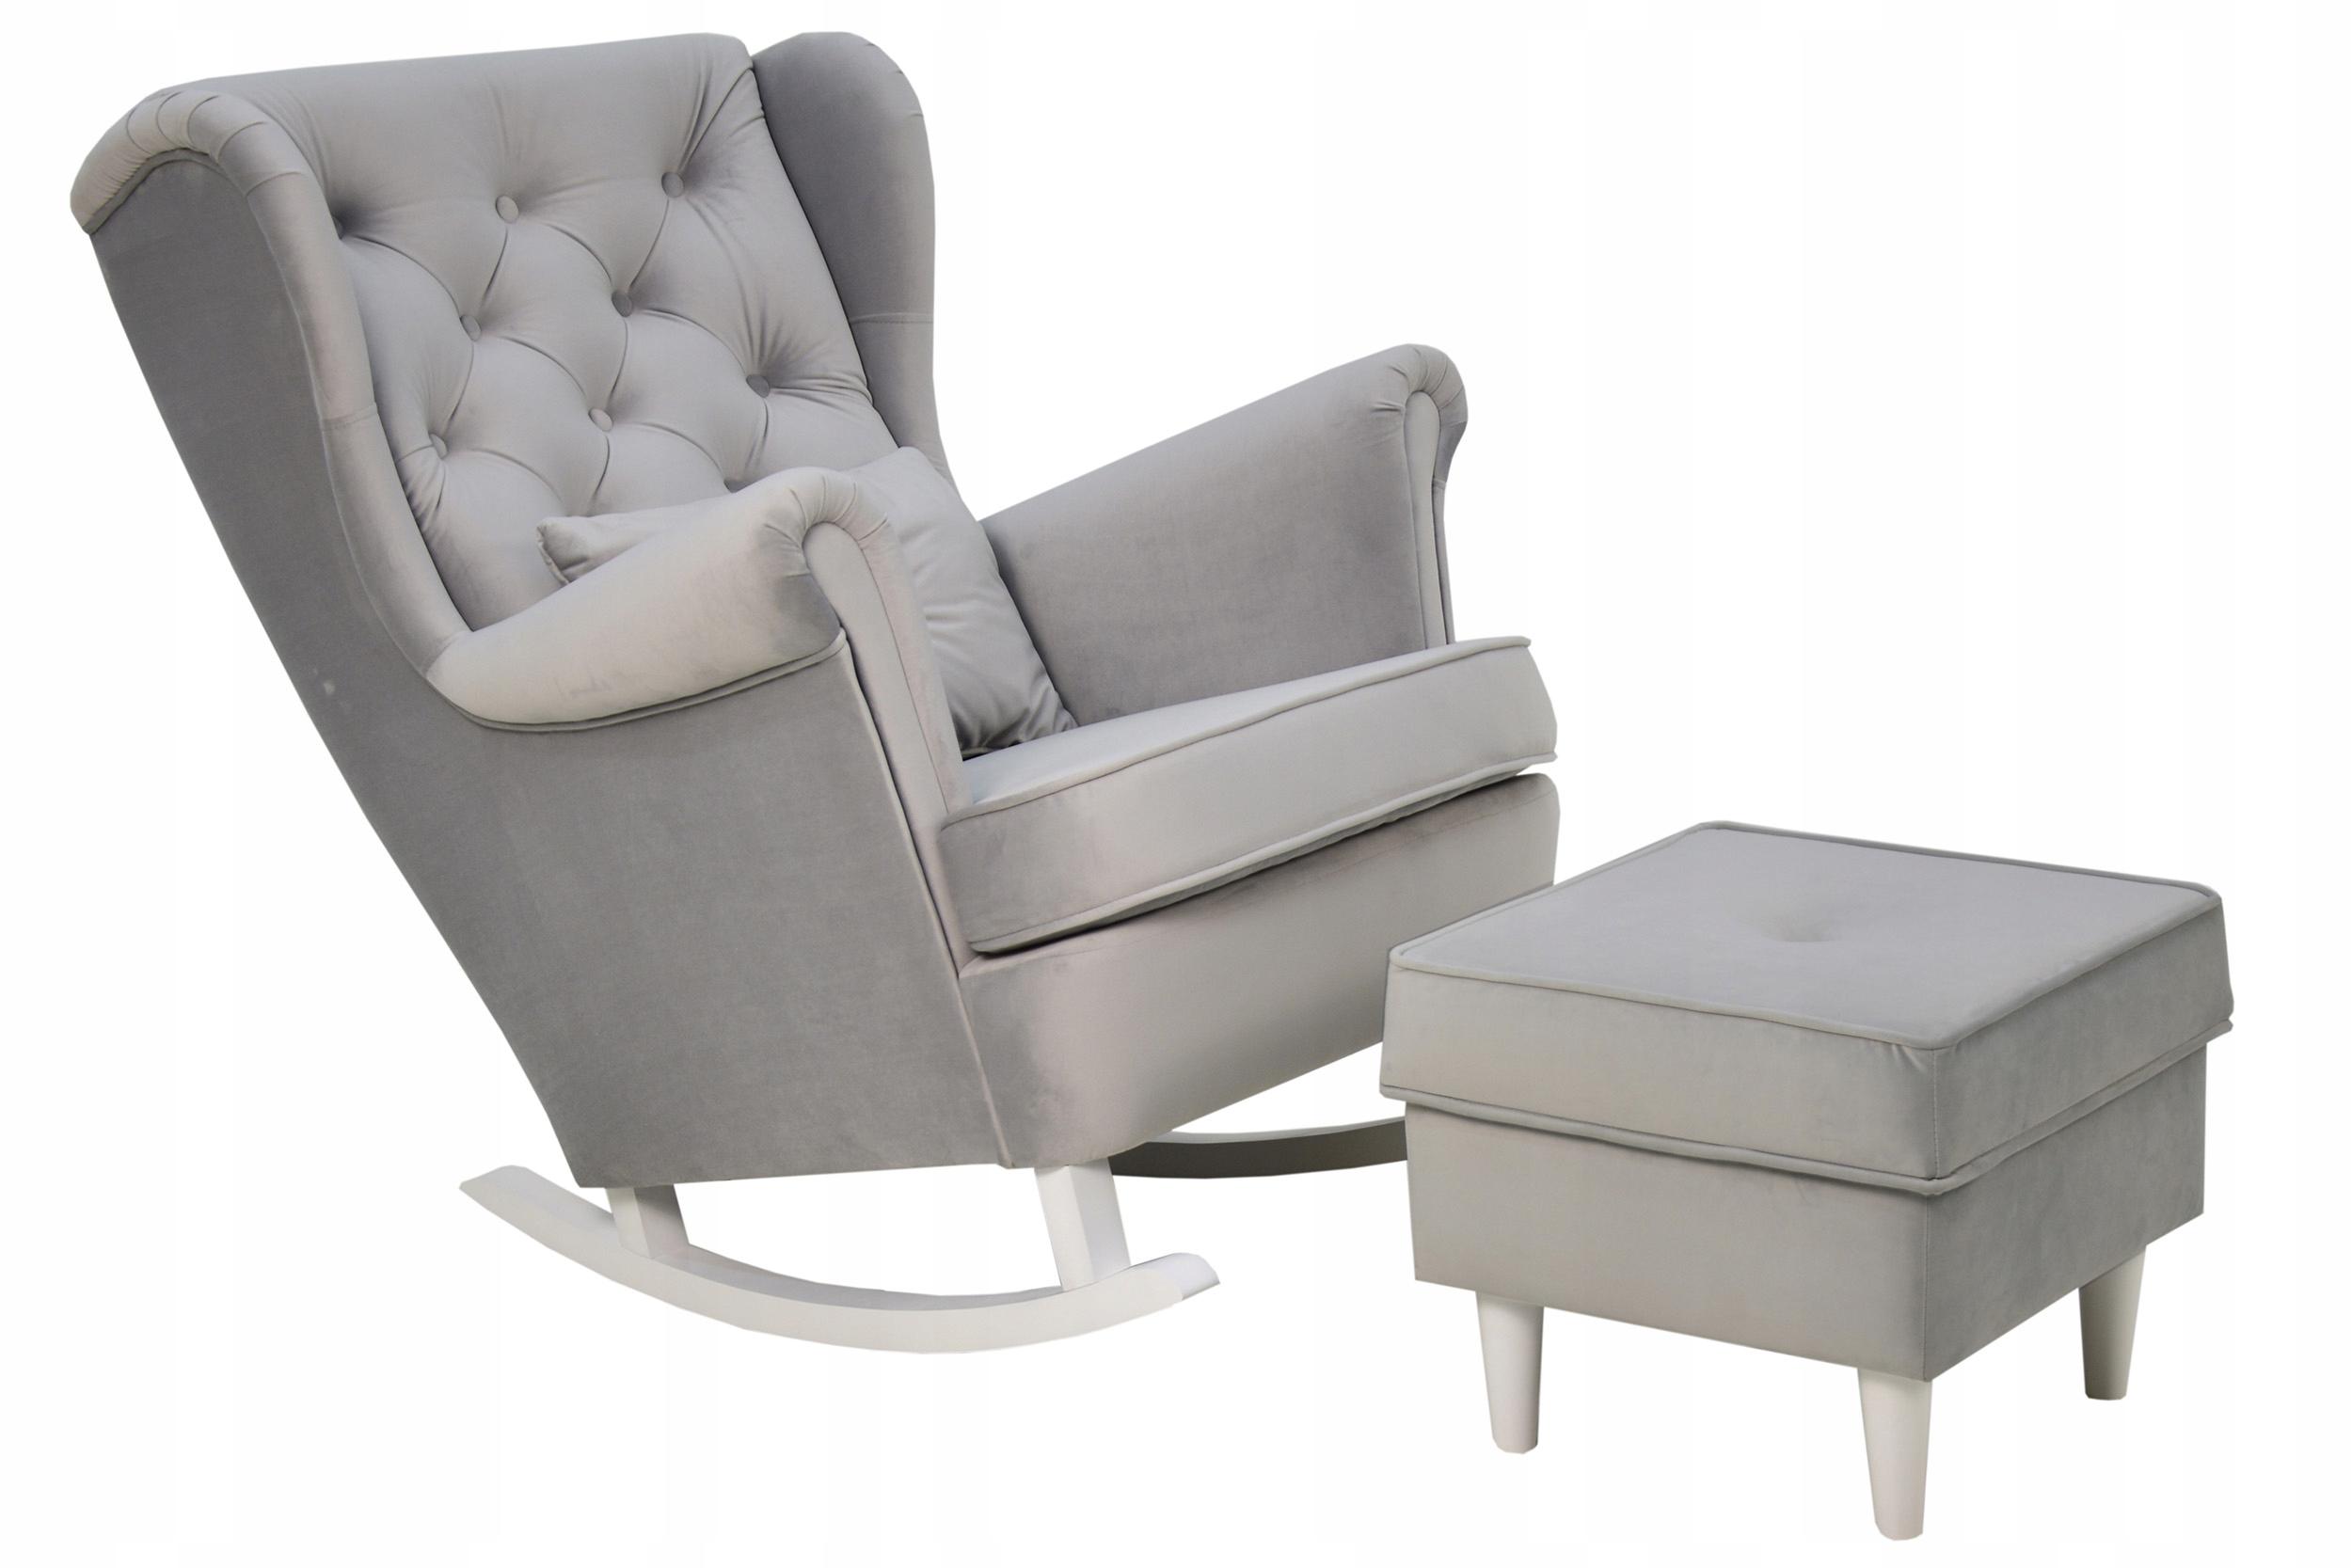 Кресло-качалка УСЗАК, подставка для ног велюровая ПИК